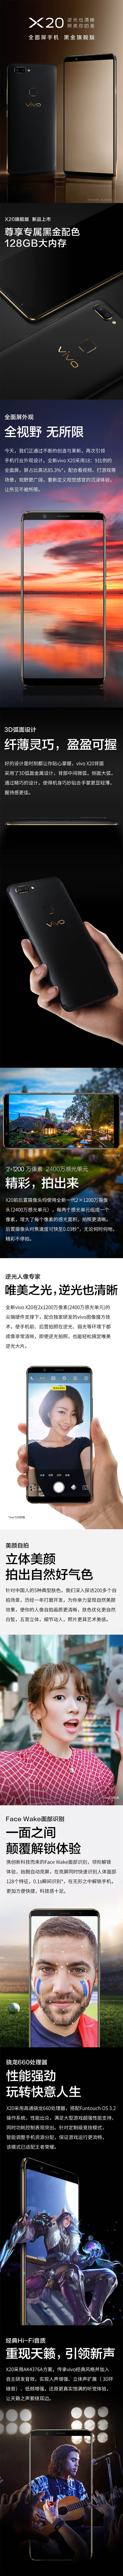 vivo X20黑金旗舰版免费试用,评测